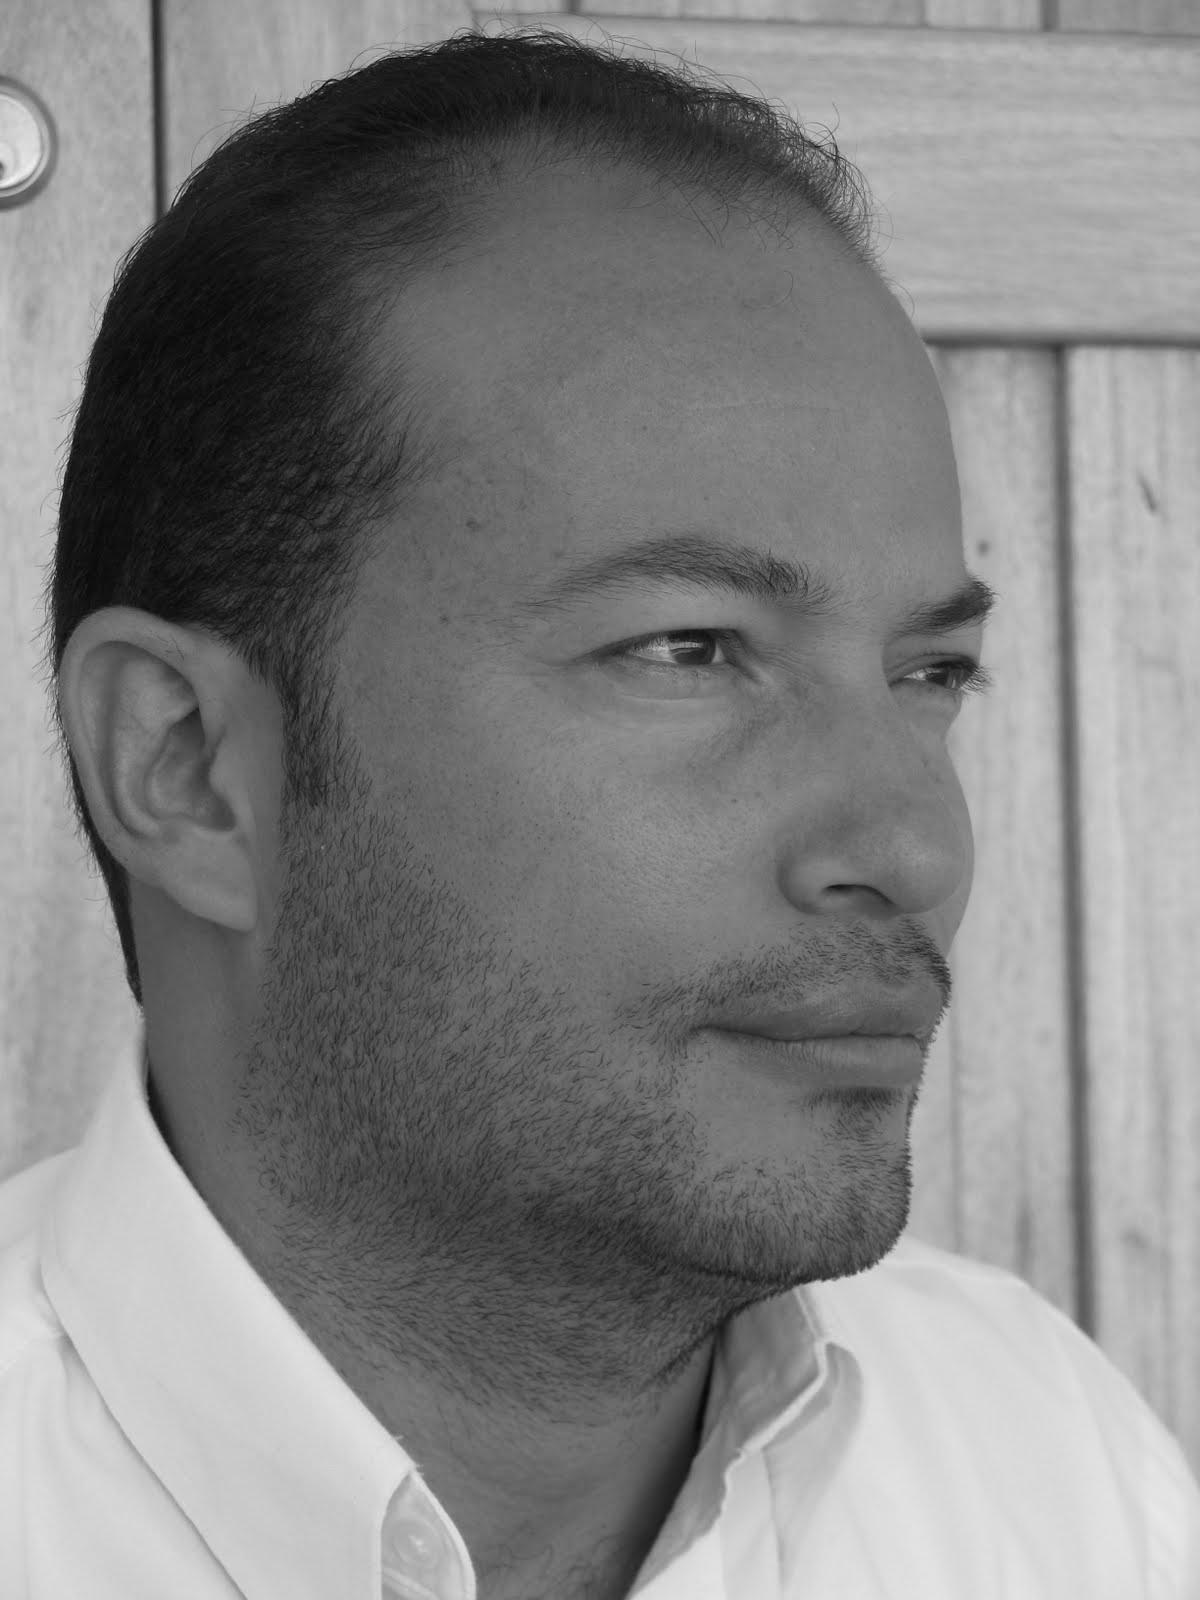 Juan Carlos Acevedo Ramos